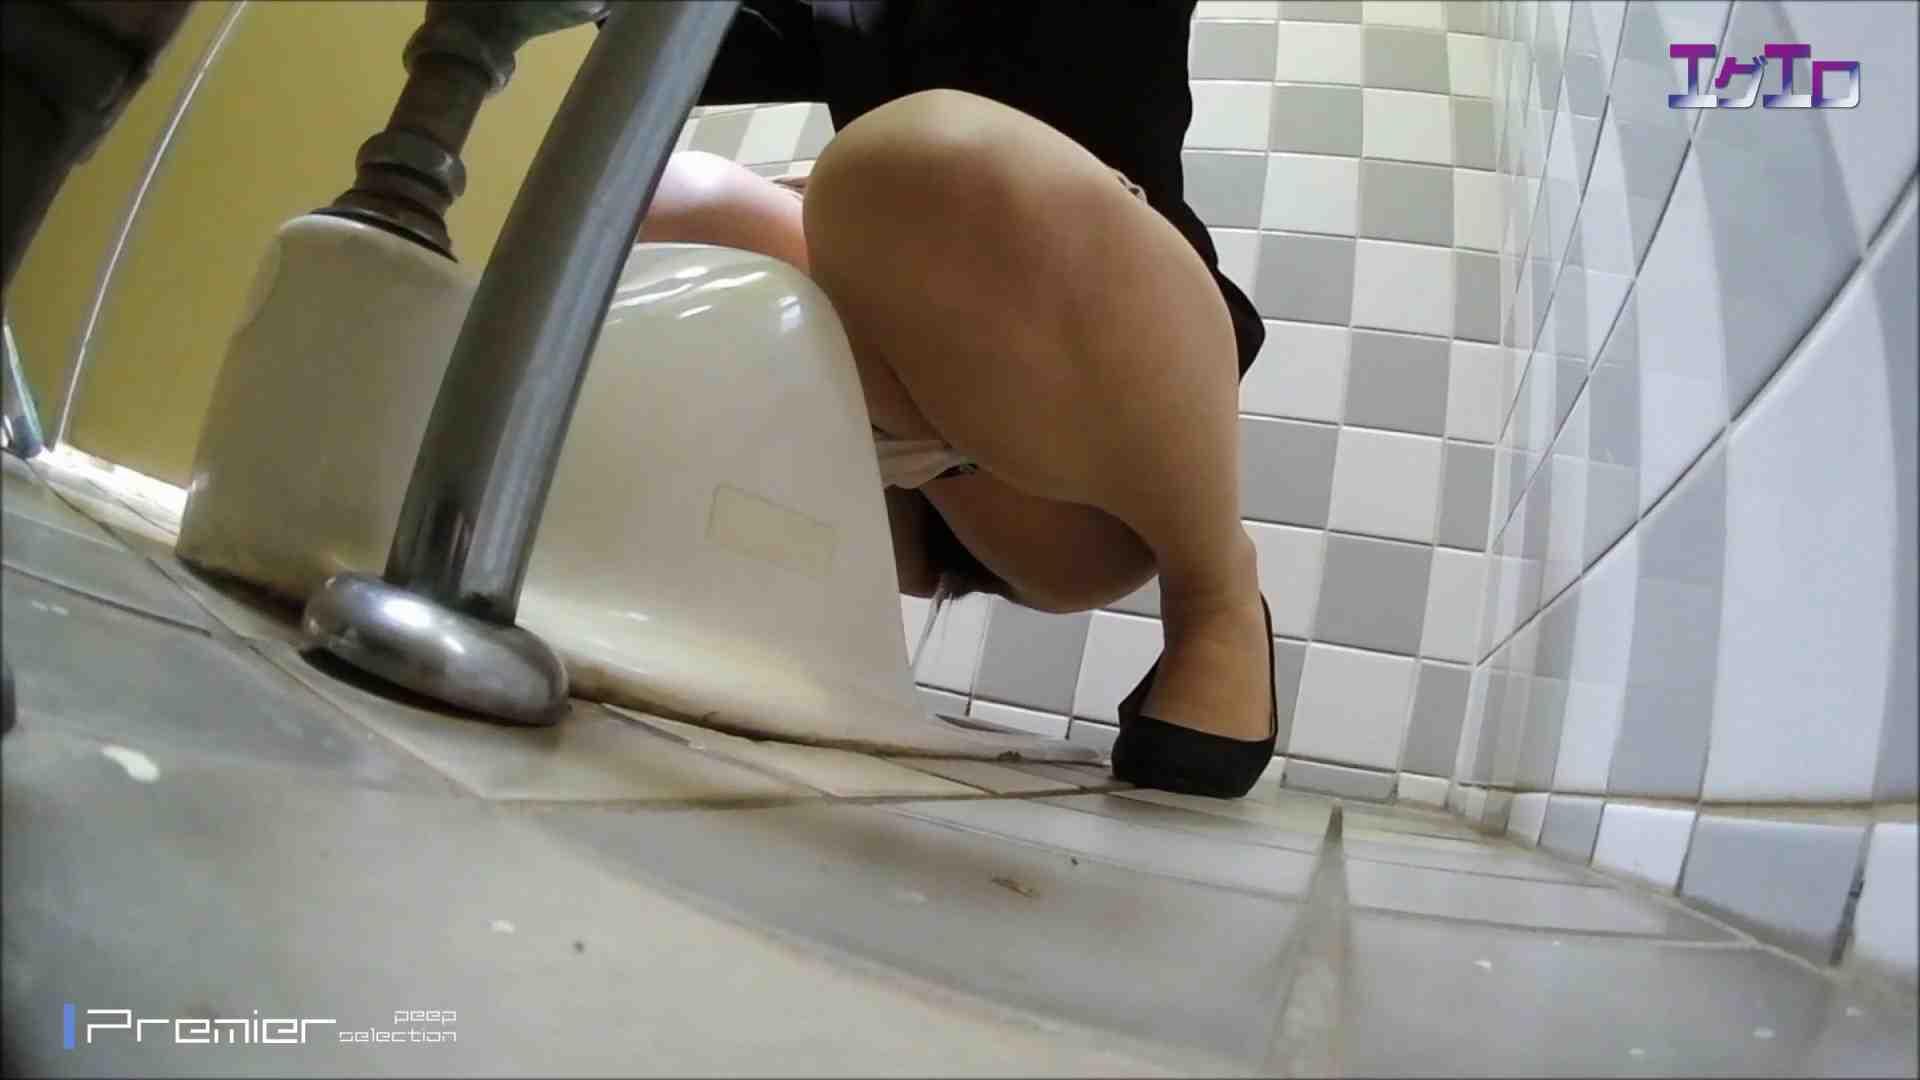 【33位 2016】至近距離洗面所 Vol.03 洗面所のぞき AV無料動画キャプチャ 91枚 54